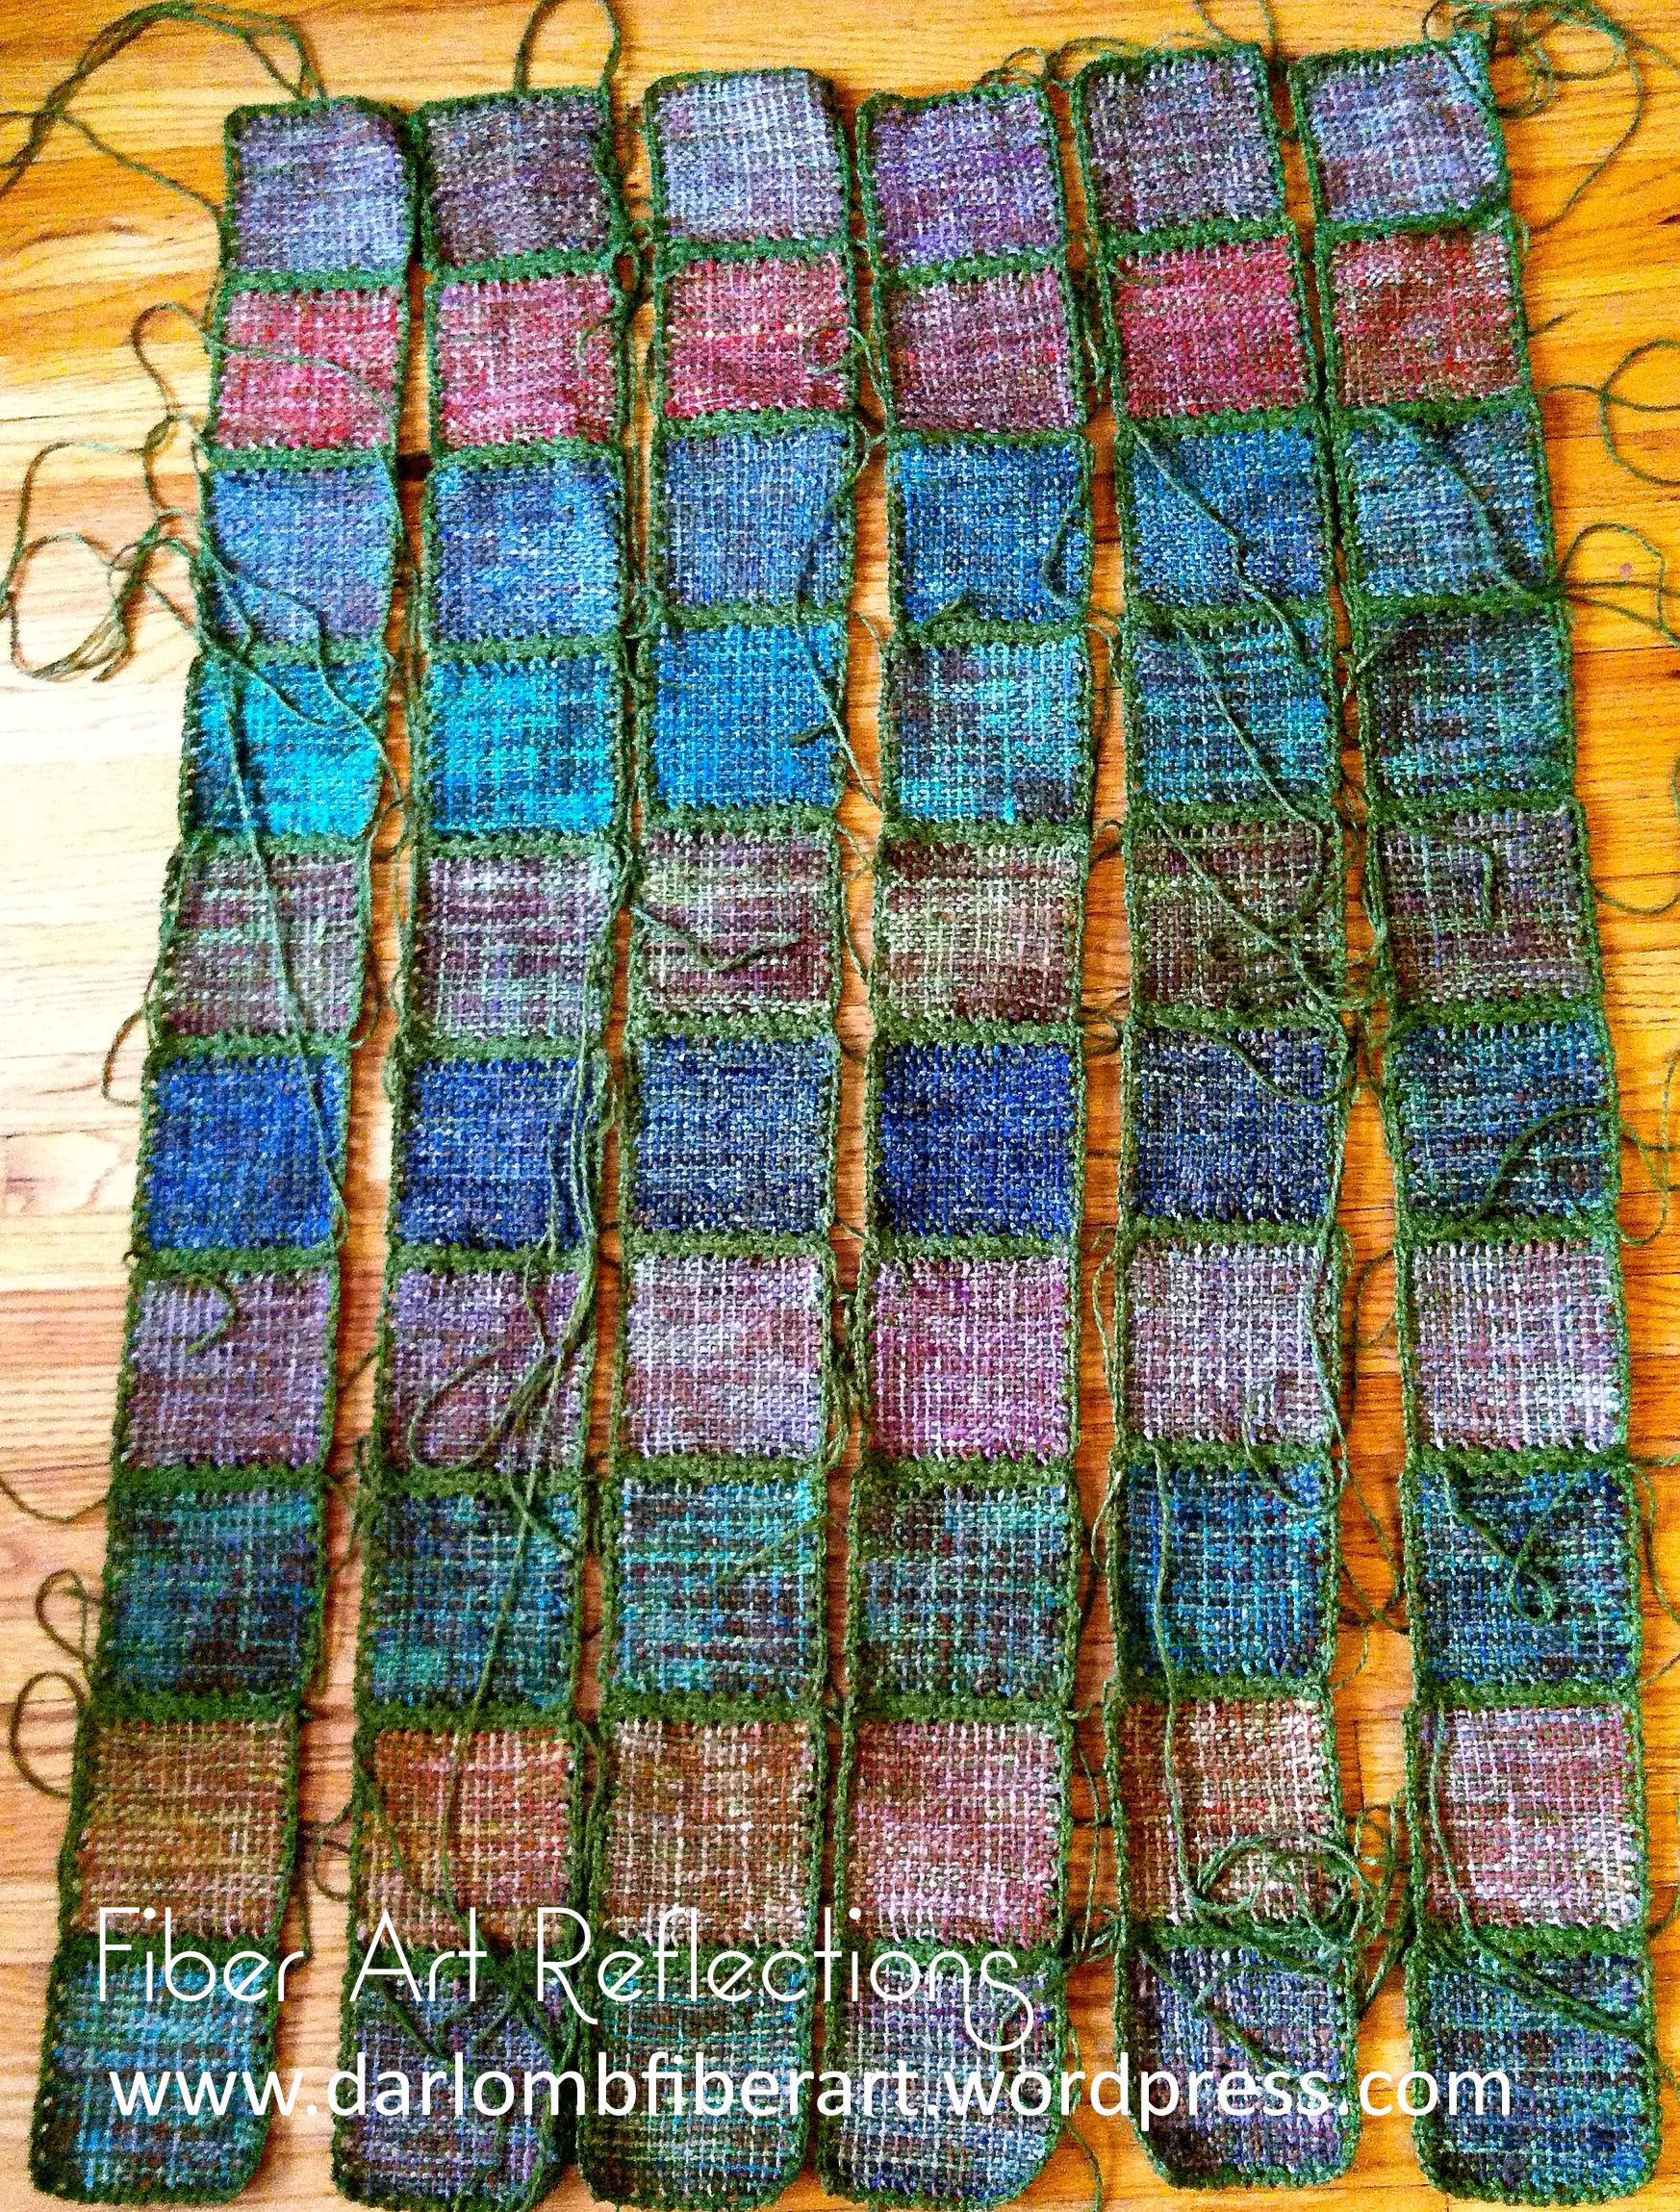 Knitting Blanket Strips : Pin loom blanket fiber art reflections